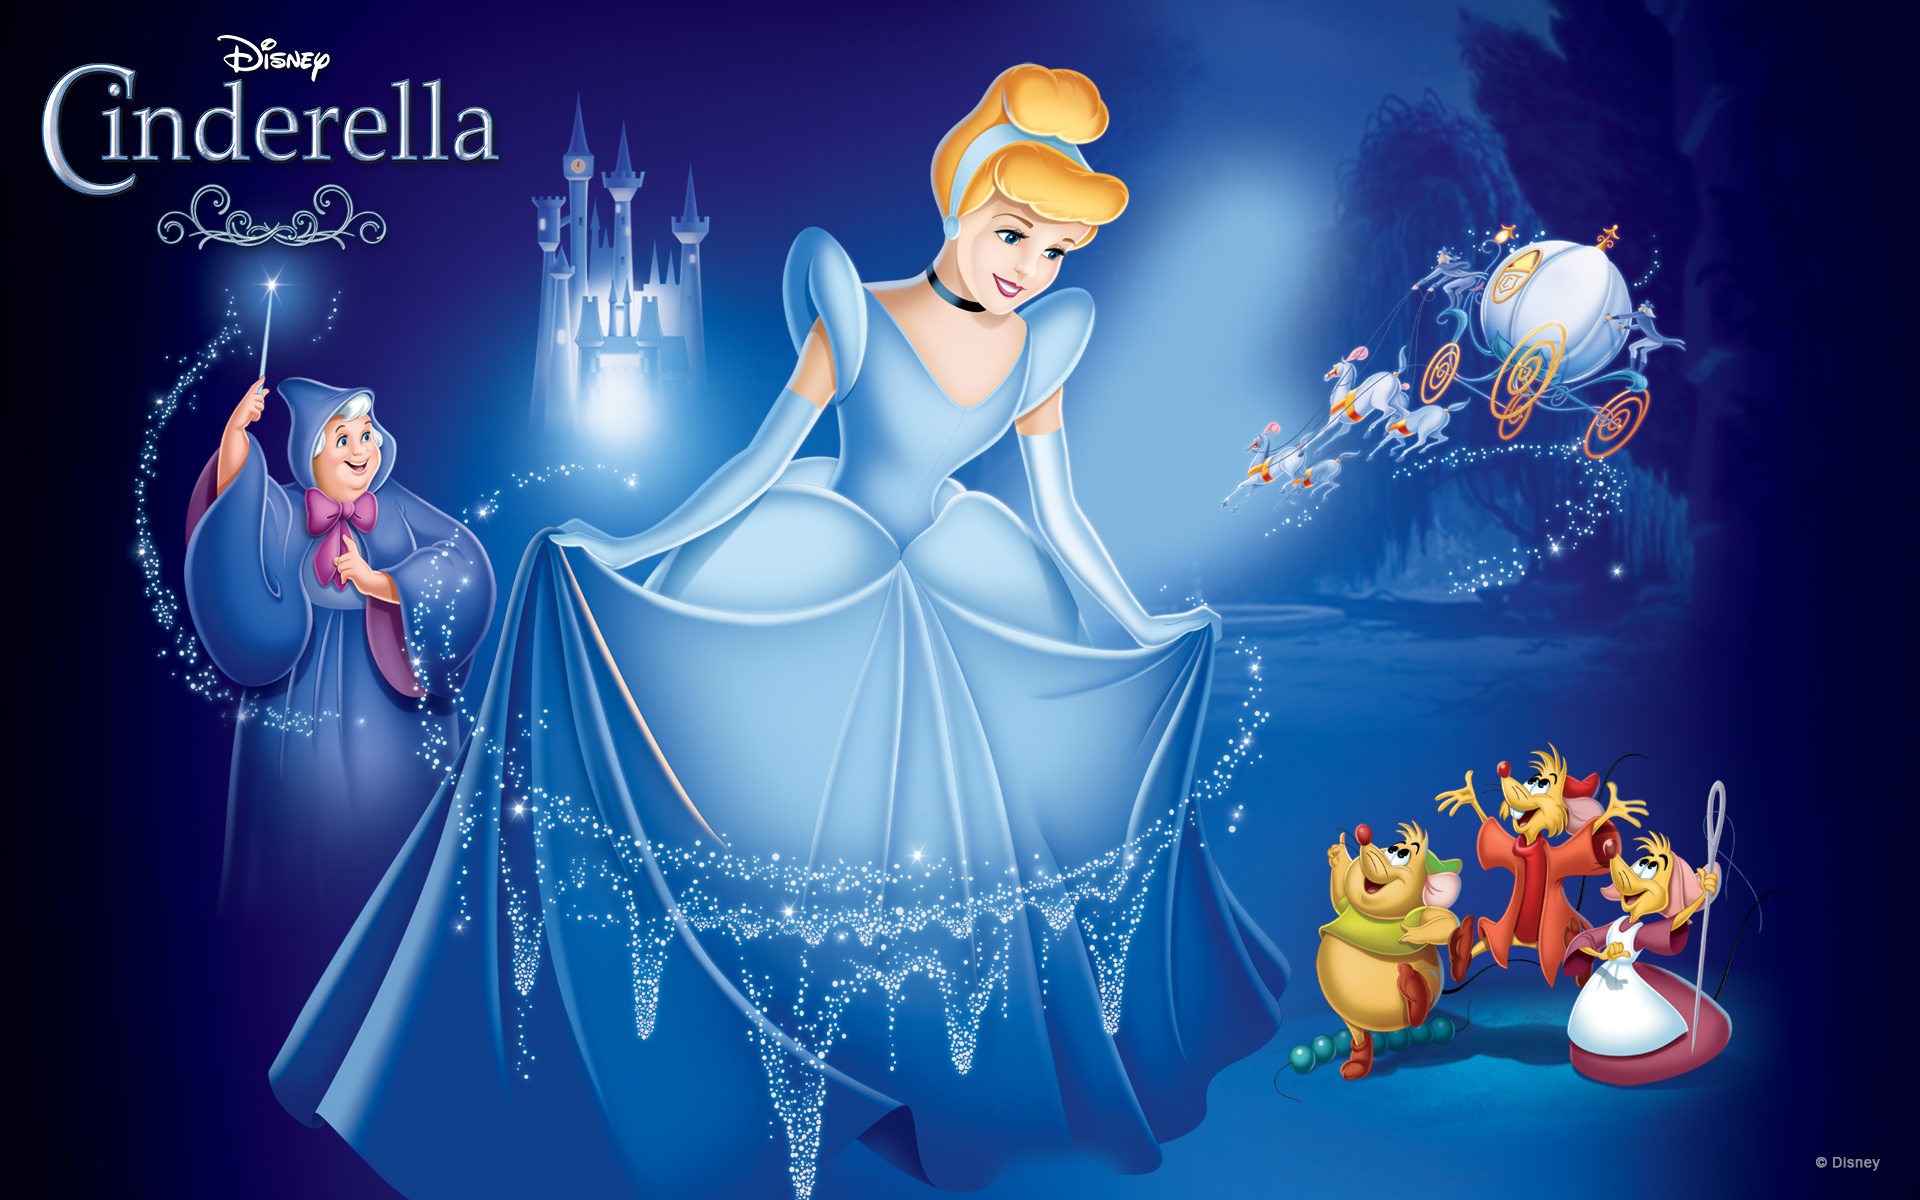 シンデレラ Princess シンデレラ 壁紙 34209012 ファンポップ